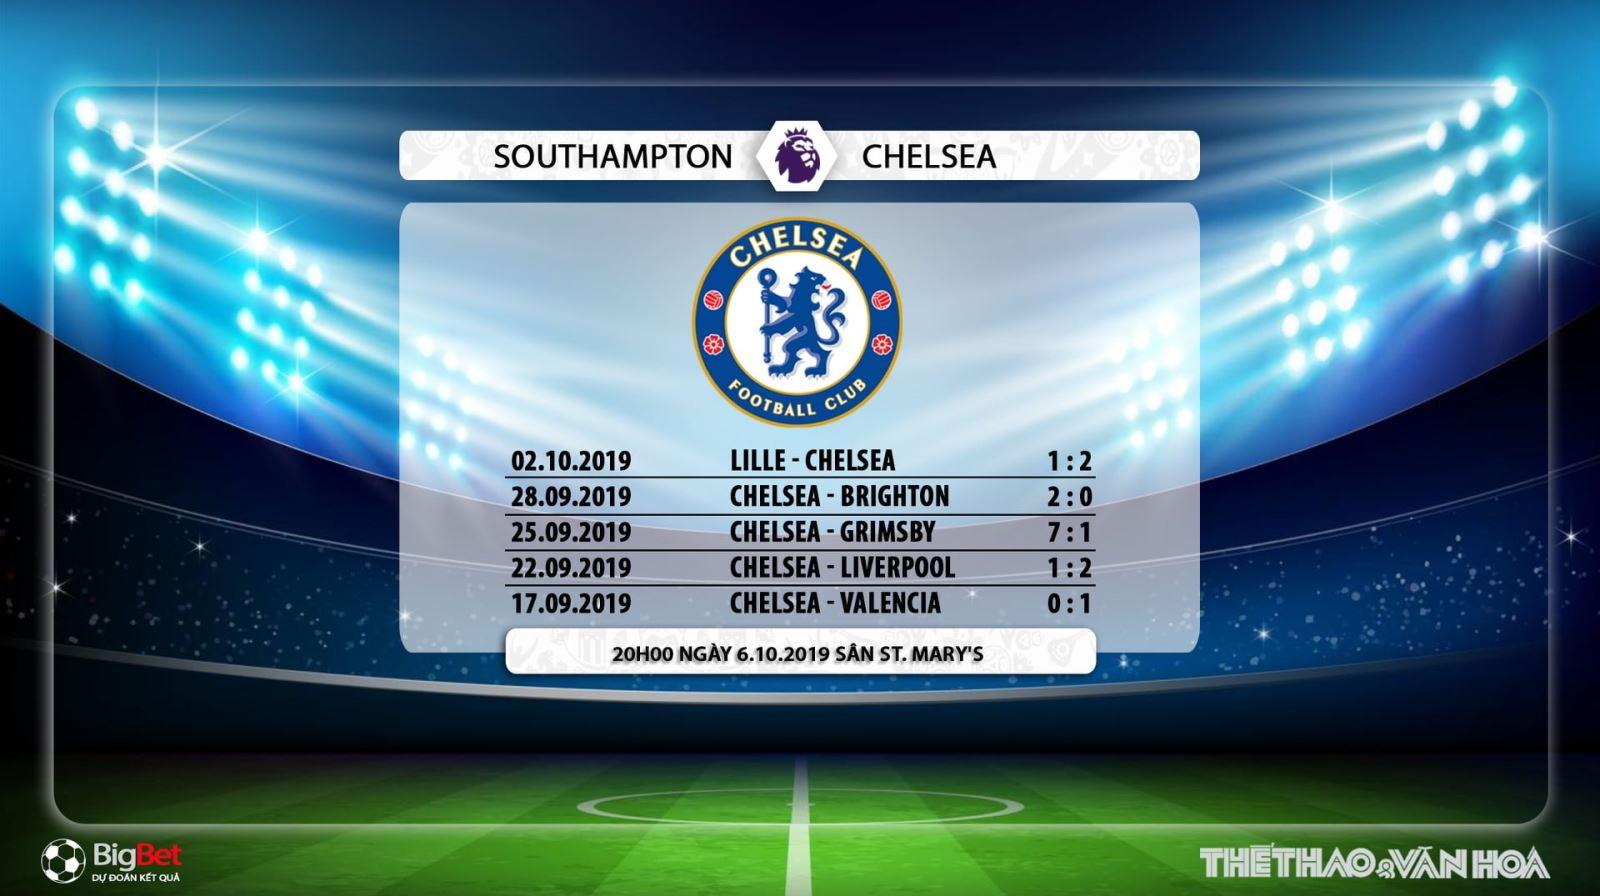 soi kèo bóng đá, Southampton đấu với Chelsea, truc tiep bong da hôm nay, Southampton vs Chelsea, trực tiếp bóng đá, K+, K+PM, K+PC, xem bóng đá trực tuyến, Chelsea